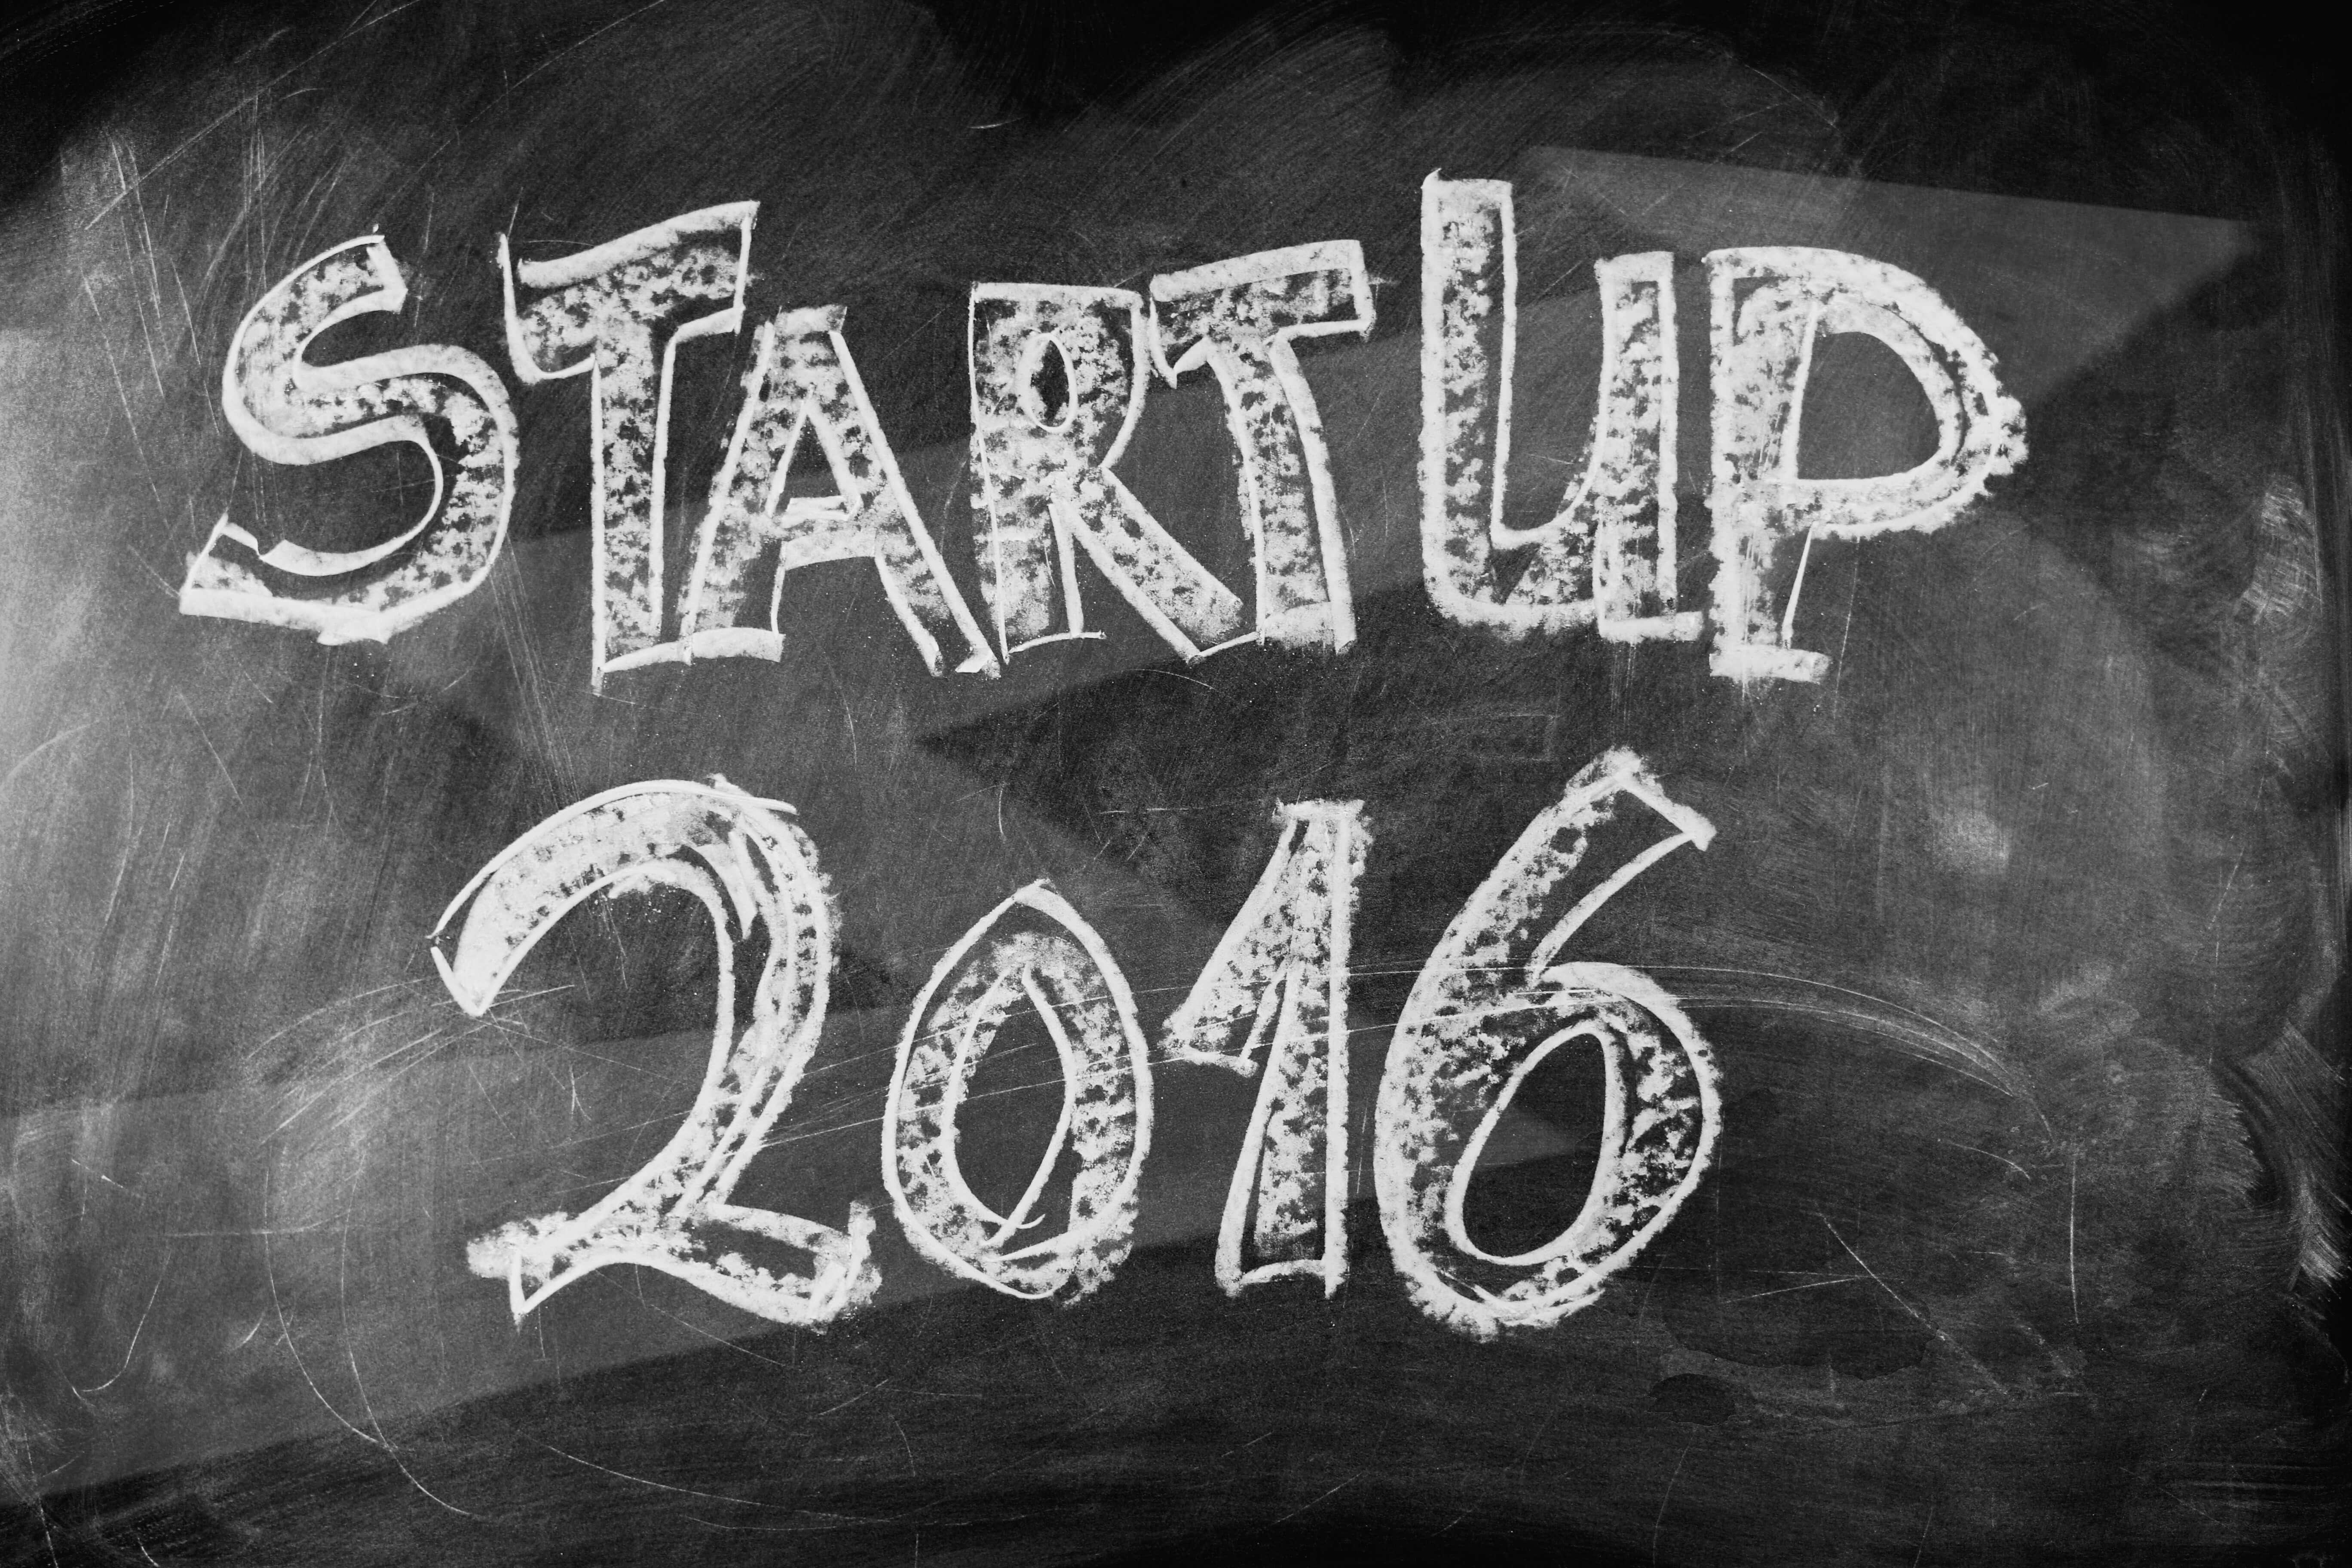 Apakah Pendiri Start-Up Perlu Belajar Coding? Di mana Mereka Mempelajarinya?